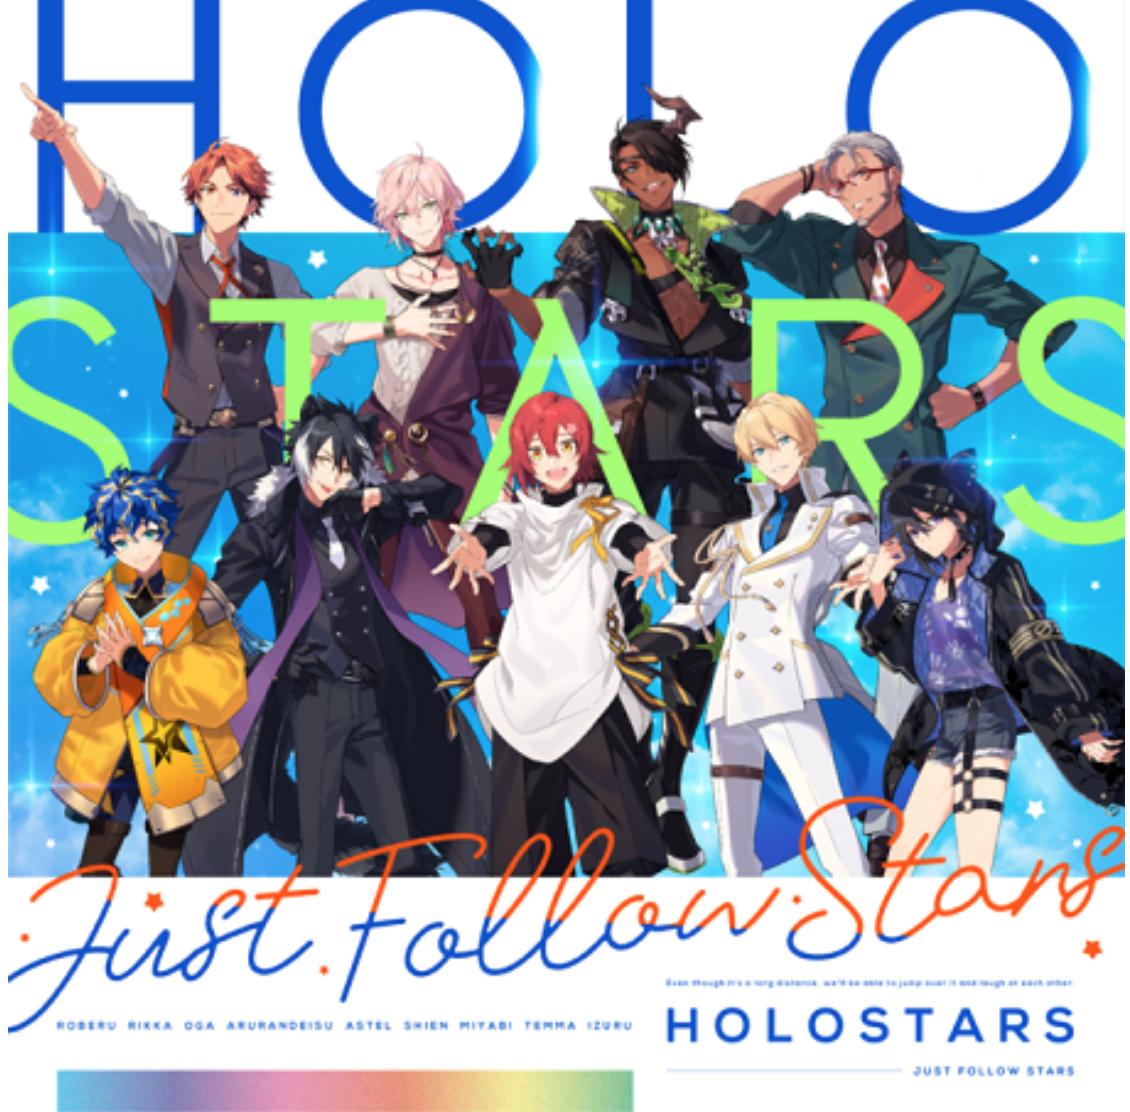 「ホロスターズ」全体のオリジナル楽曲! サブスクにて配信開始!!